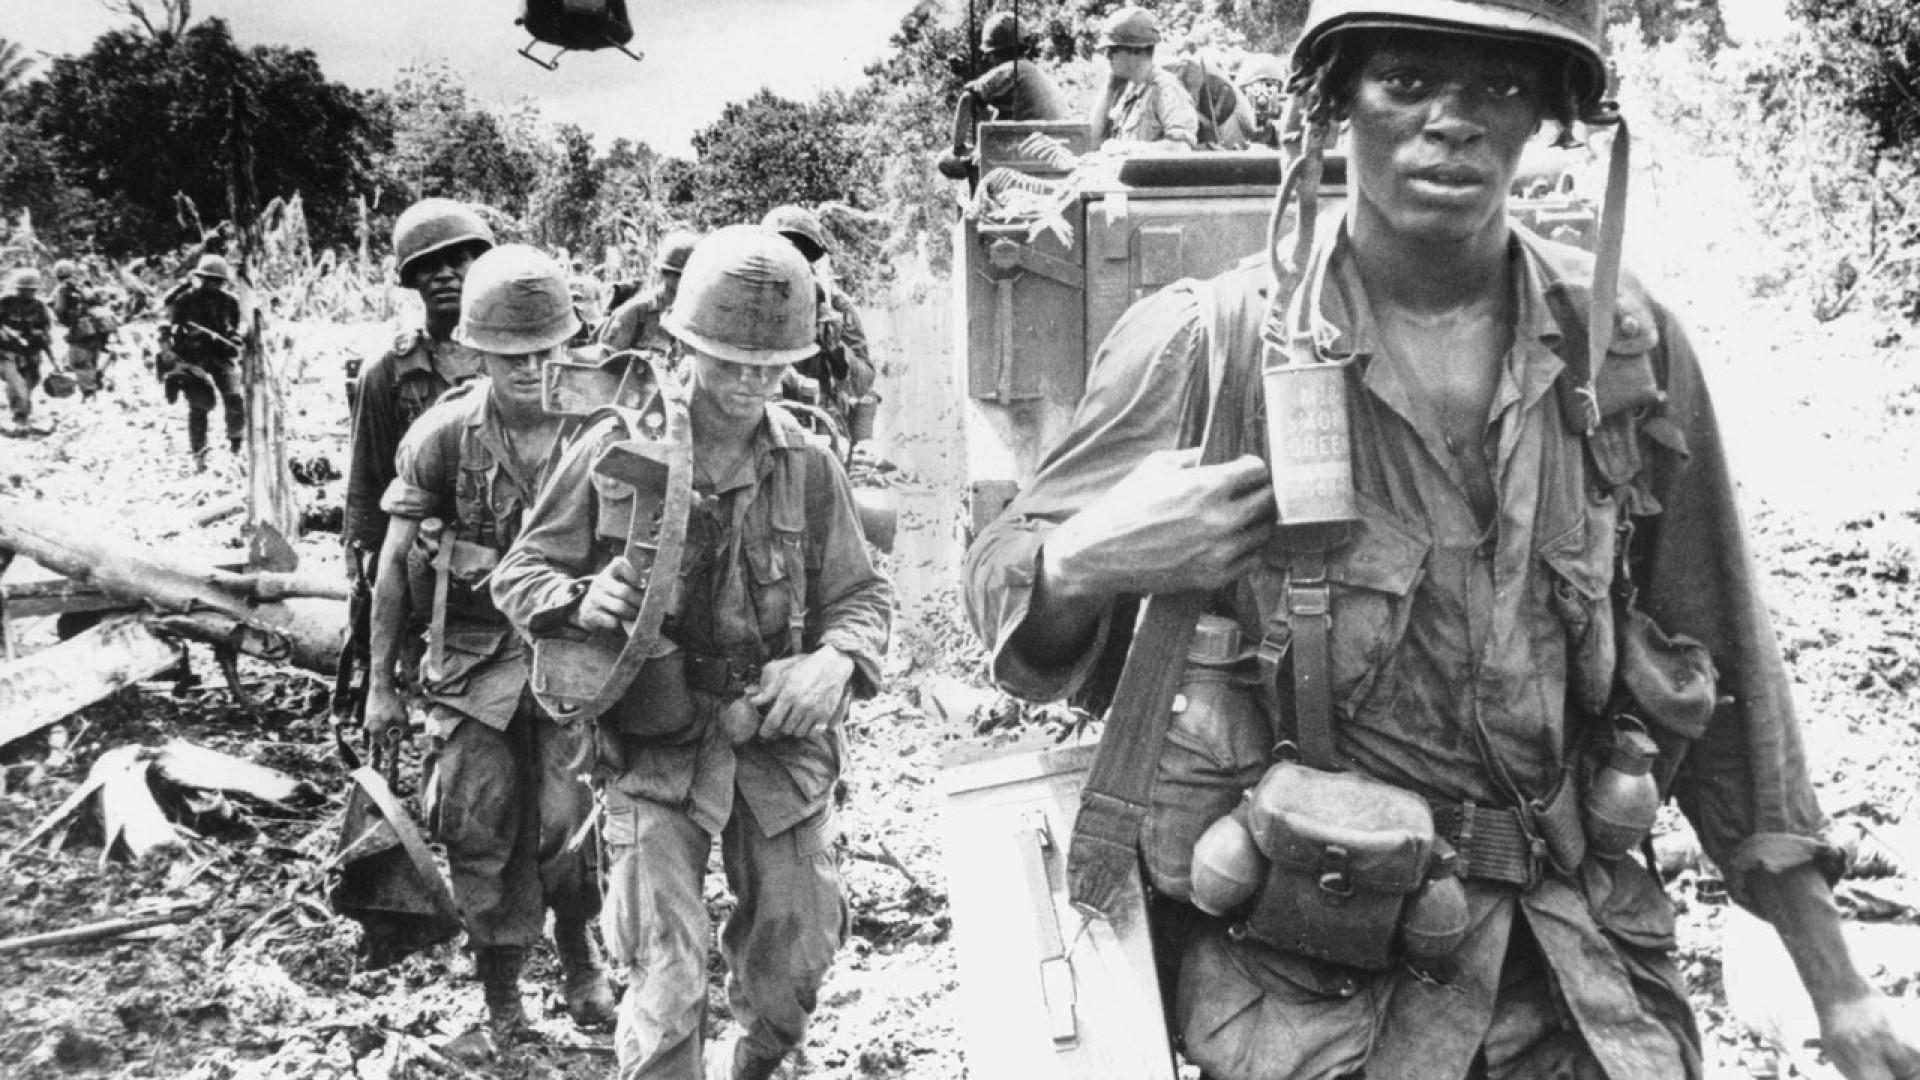 11_vietnam_war.jpg